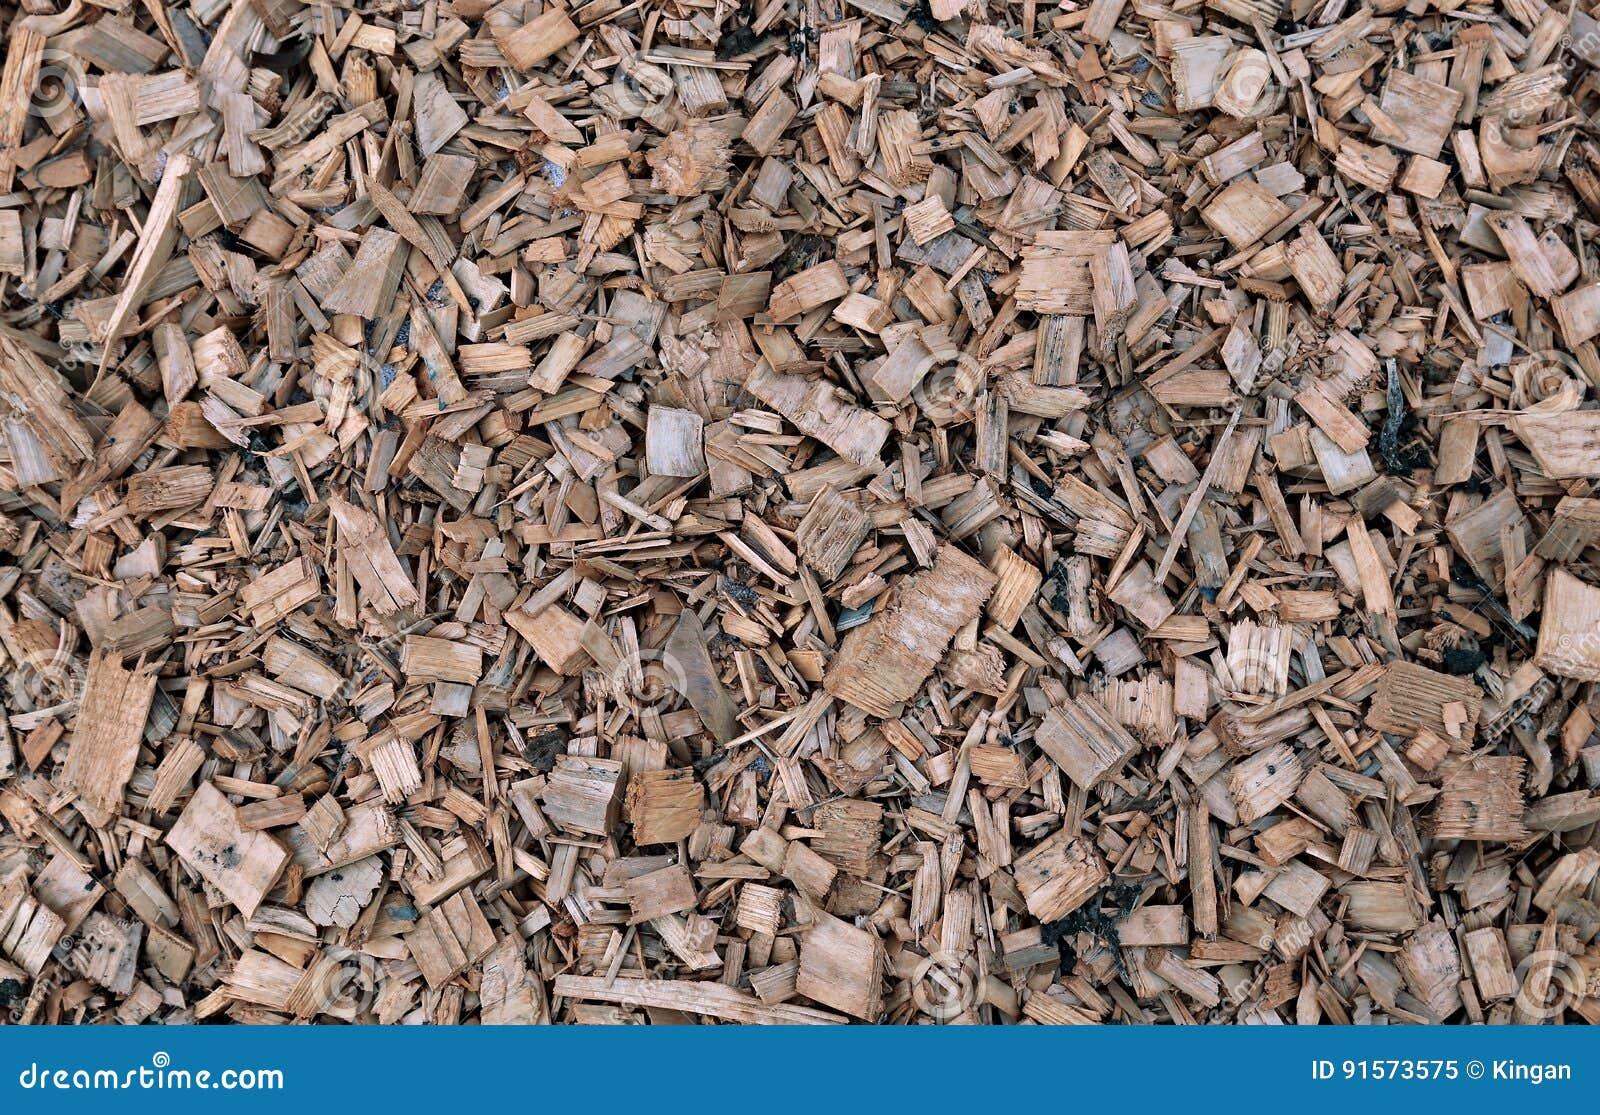 Hintergrund Von Gemalten Holzspänen Auf Dem Boden Stockbild Bild